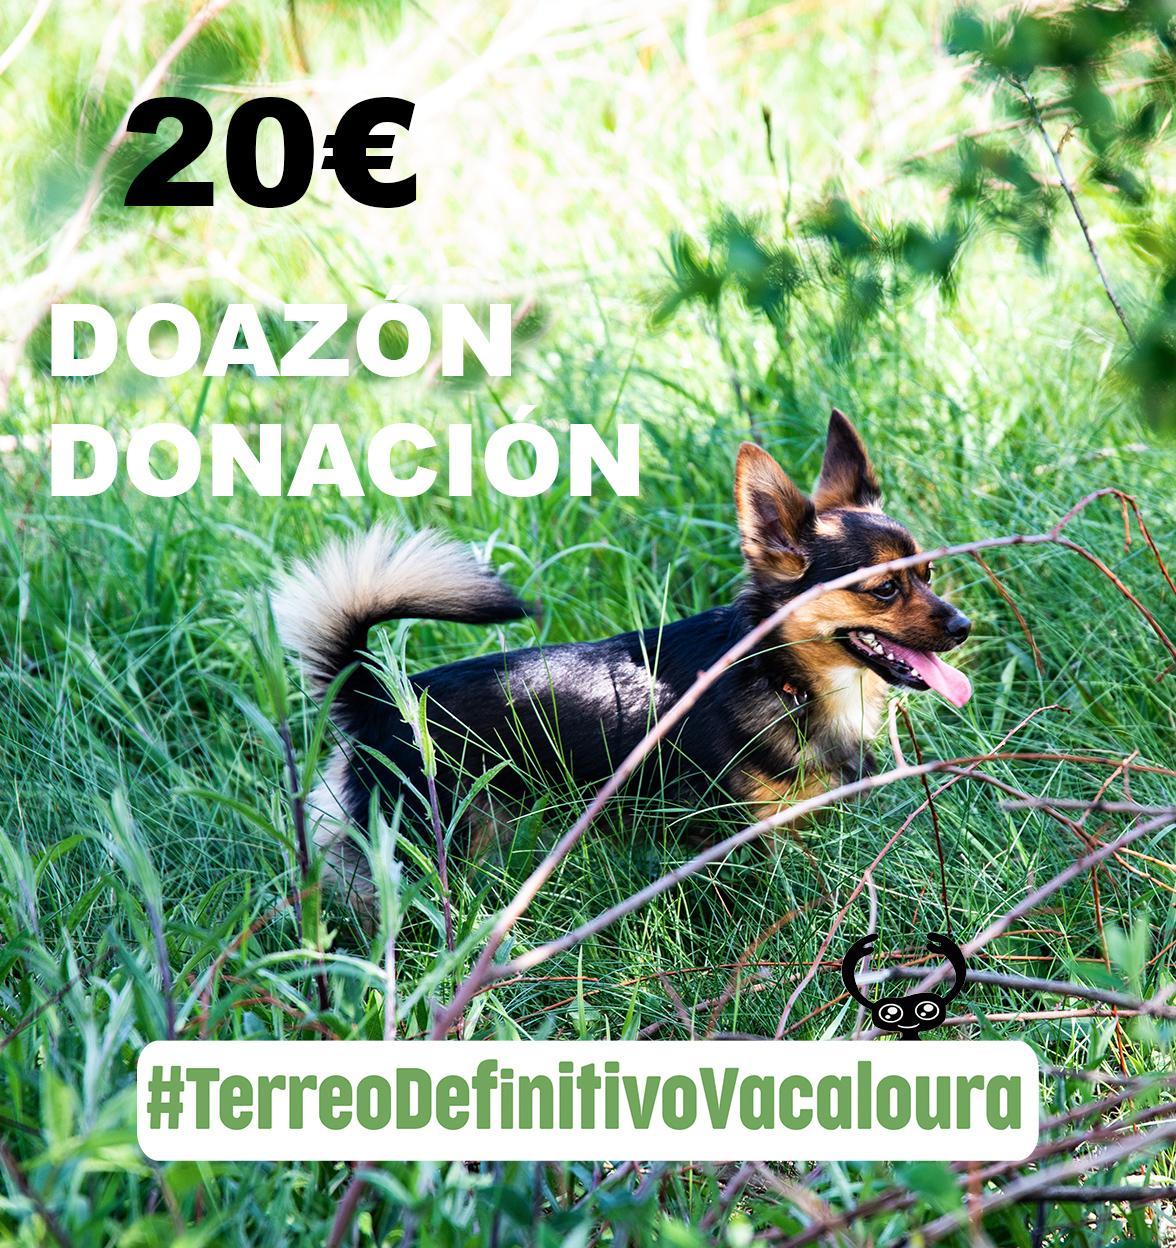 doa 20 euros á campaña do terreo definitivo para o santuario